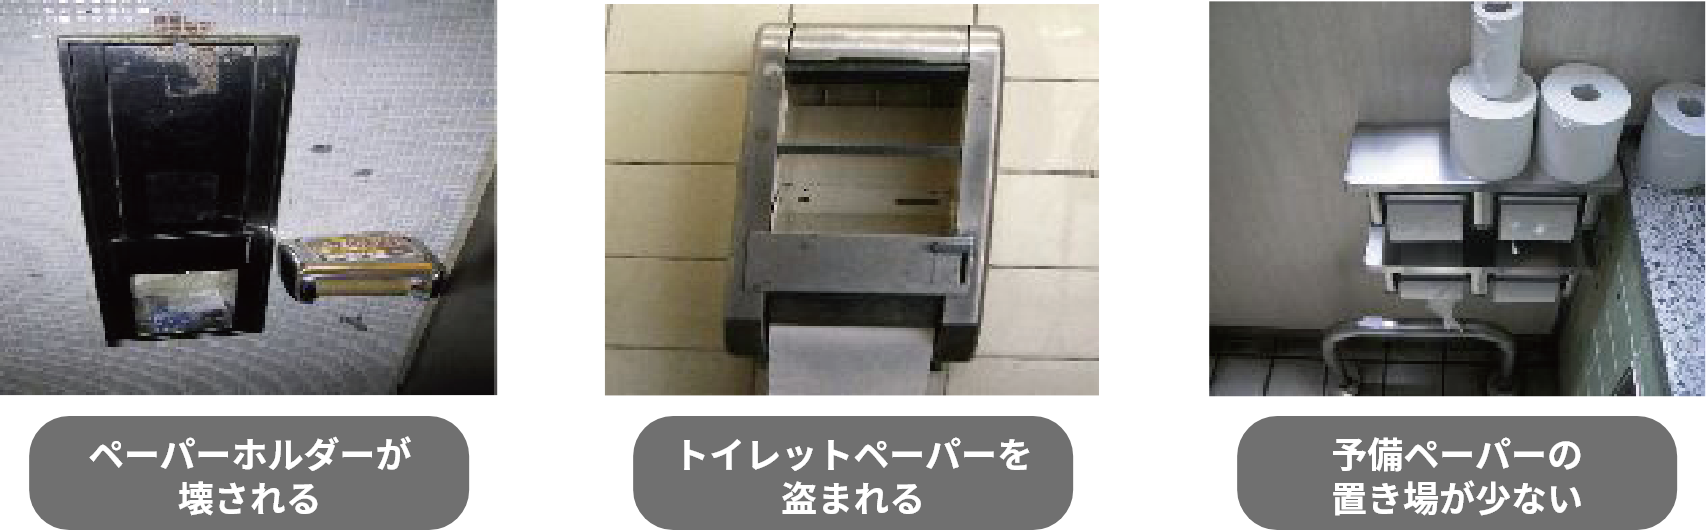 ペーパーホルダーが壊される トイレットペーパーを盗まれる 予備ペーパーの置き場が少ない